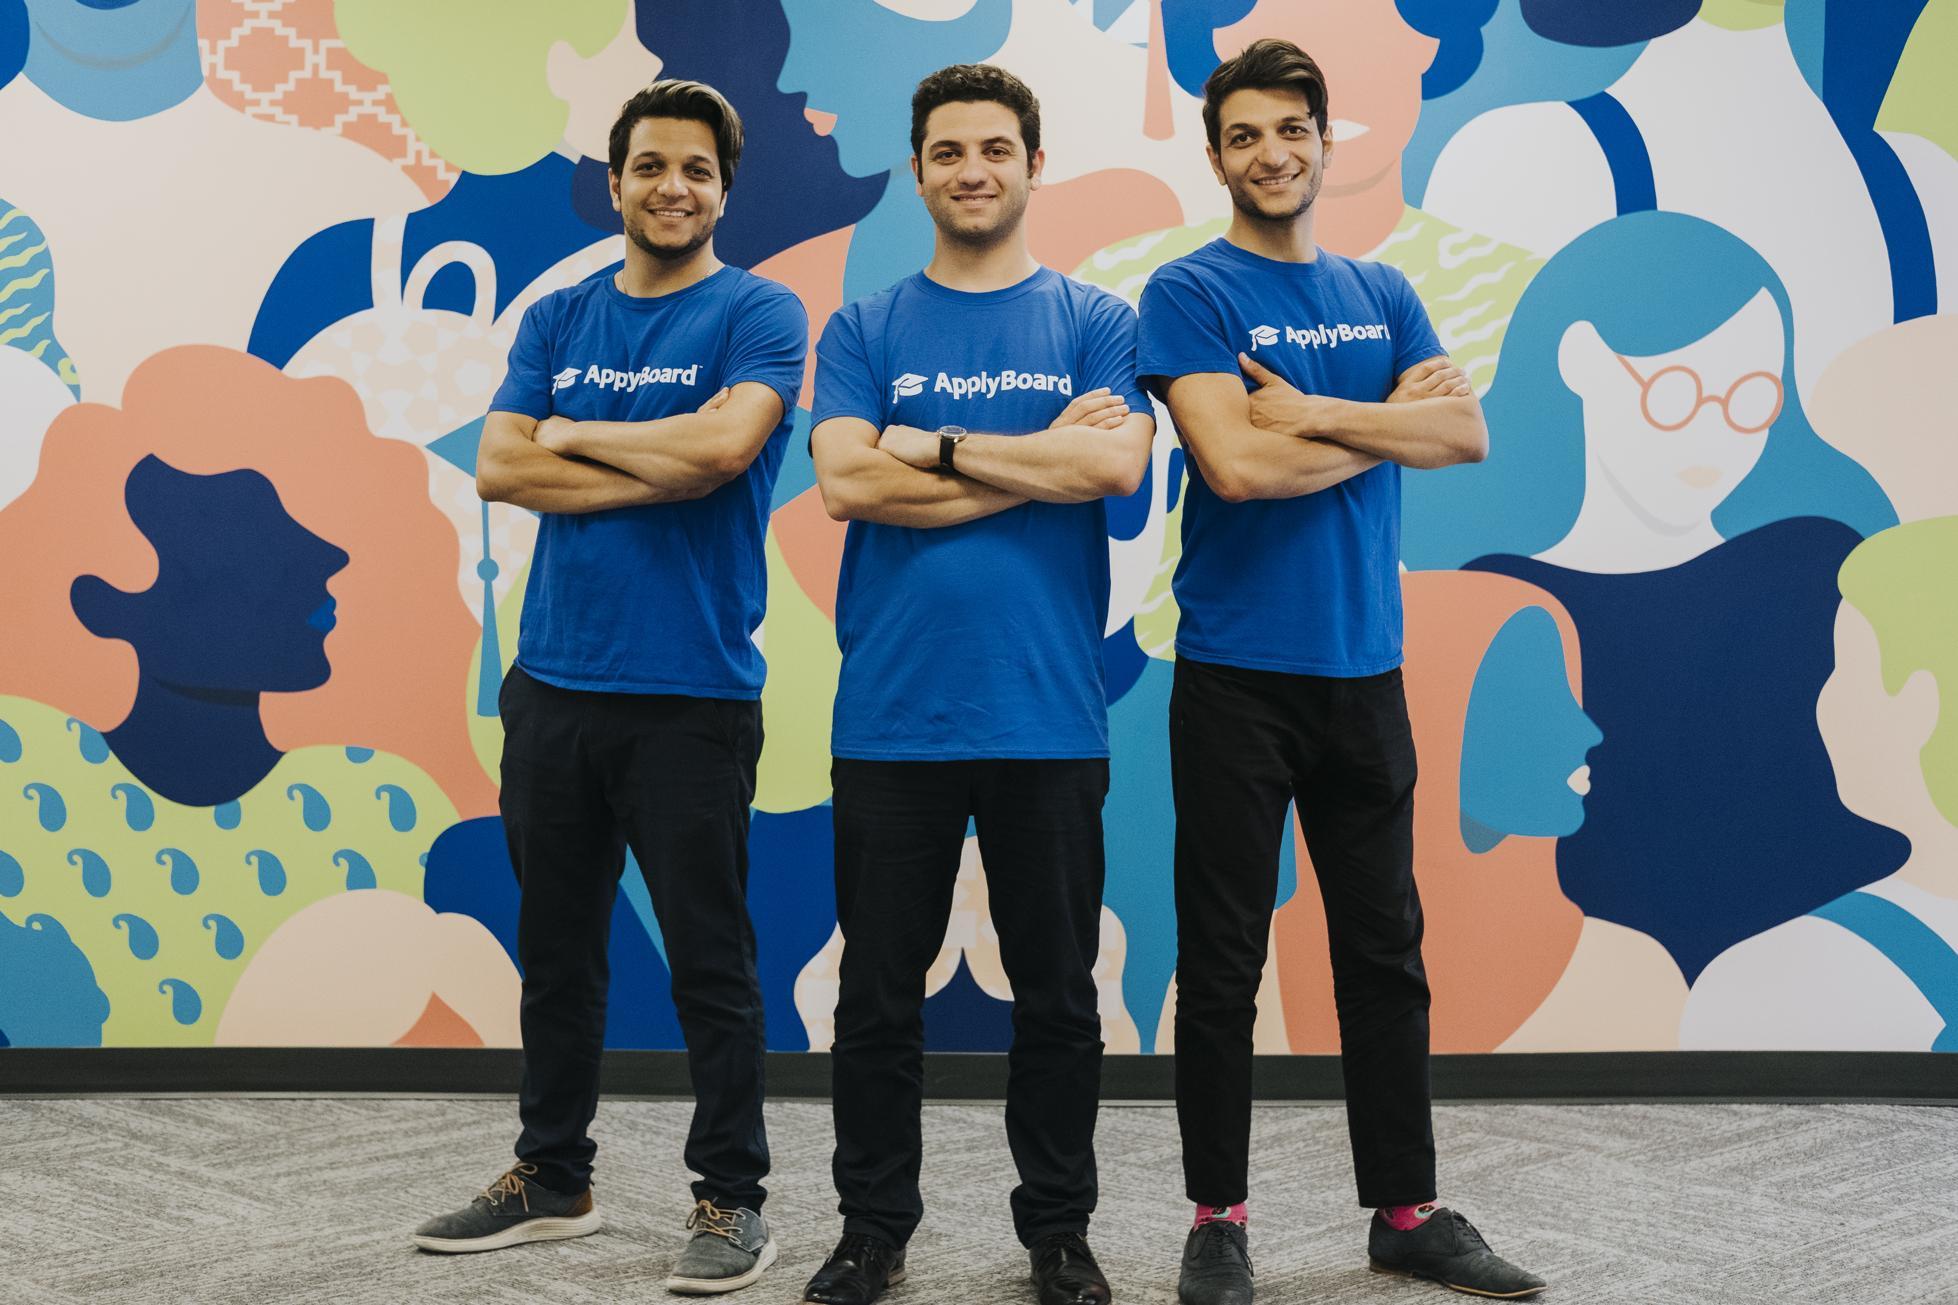 ApplyBoard cofounders